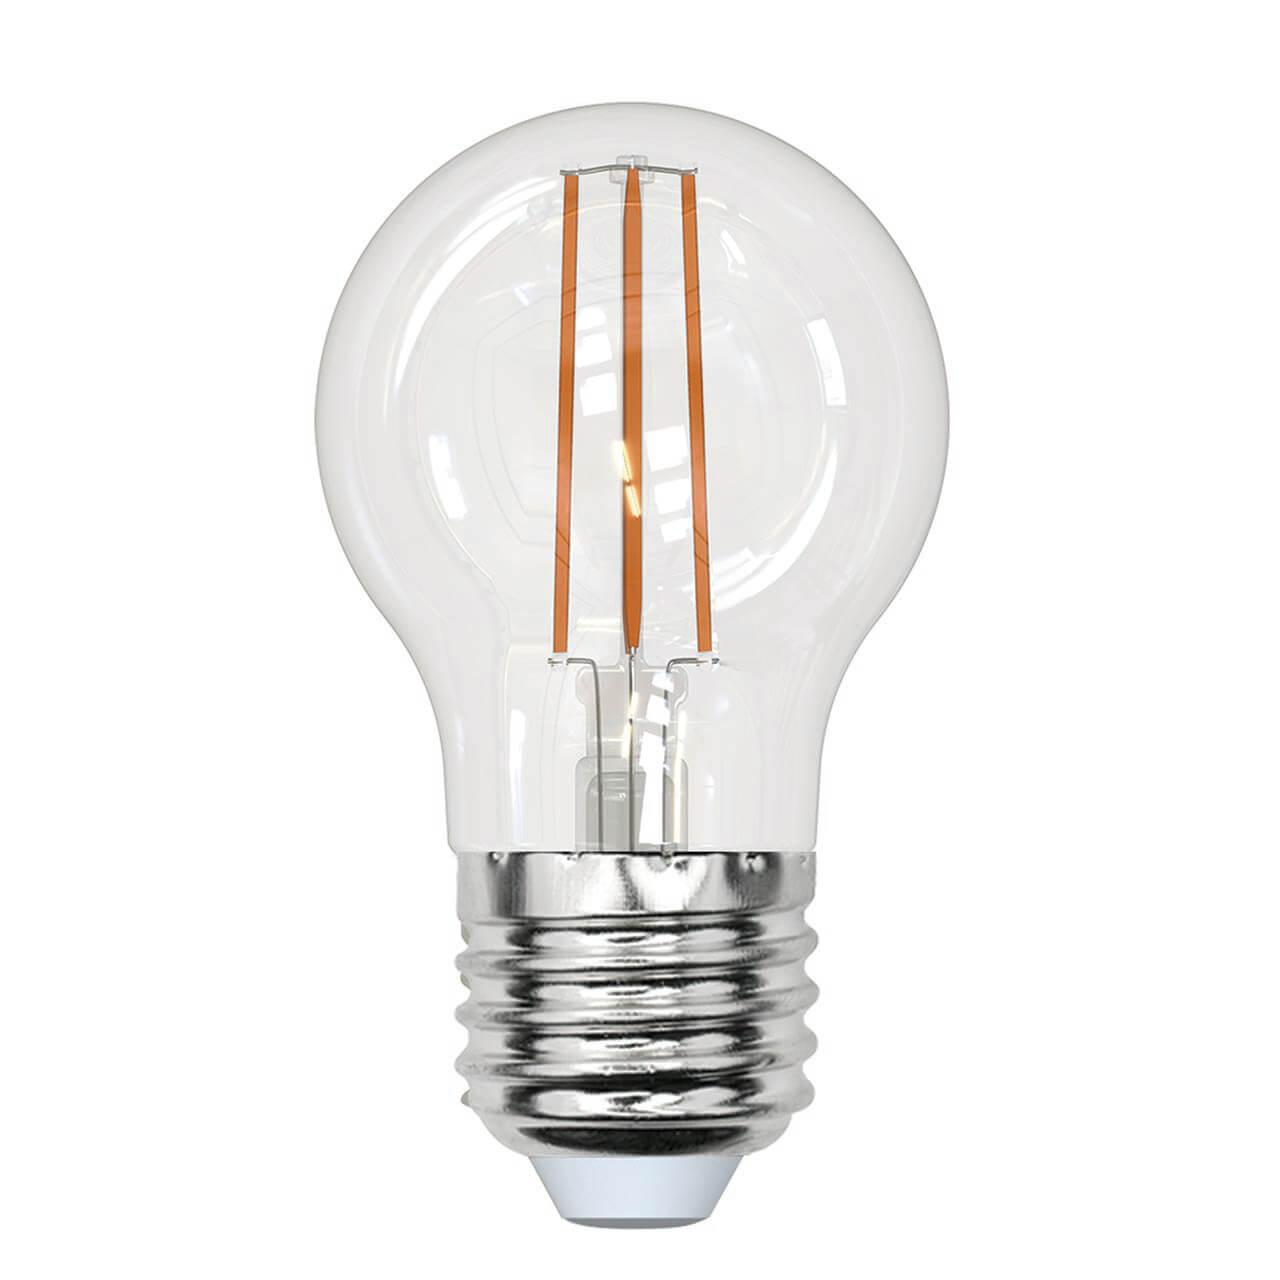 Лампочка Uniel LED-G45-13W/3000K/E27/CL PLS02WH Sky лампочка uniel led g45 9w 3000k e27 cl pls02wh led g45